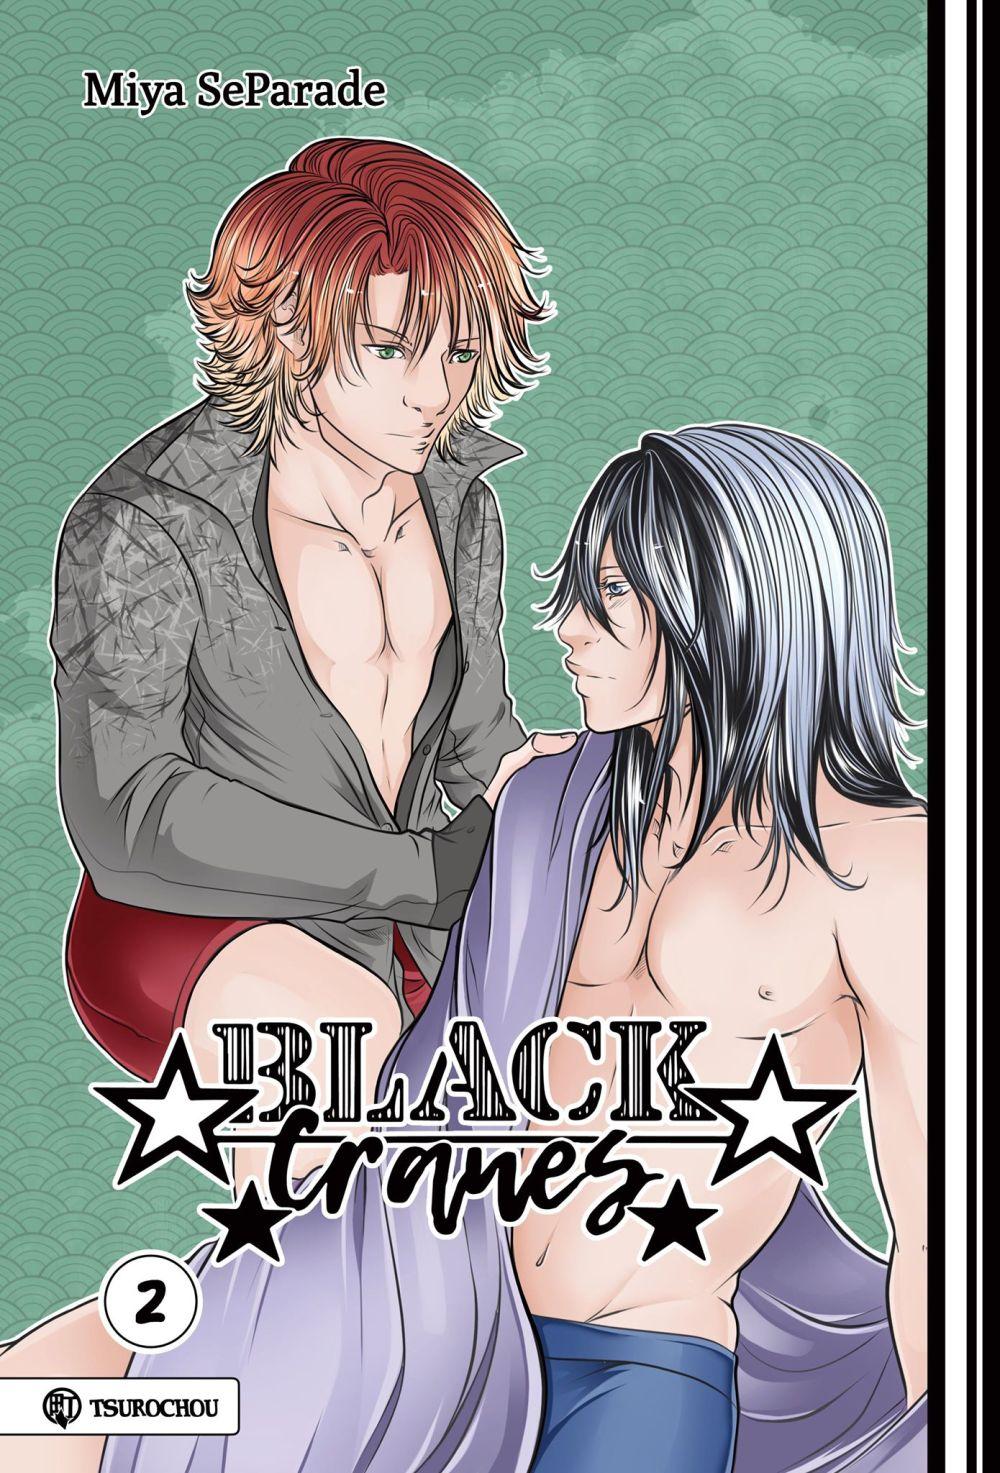 Miya SeParade: Black Cranes2